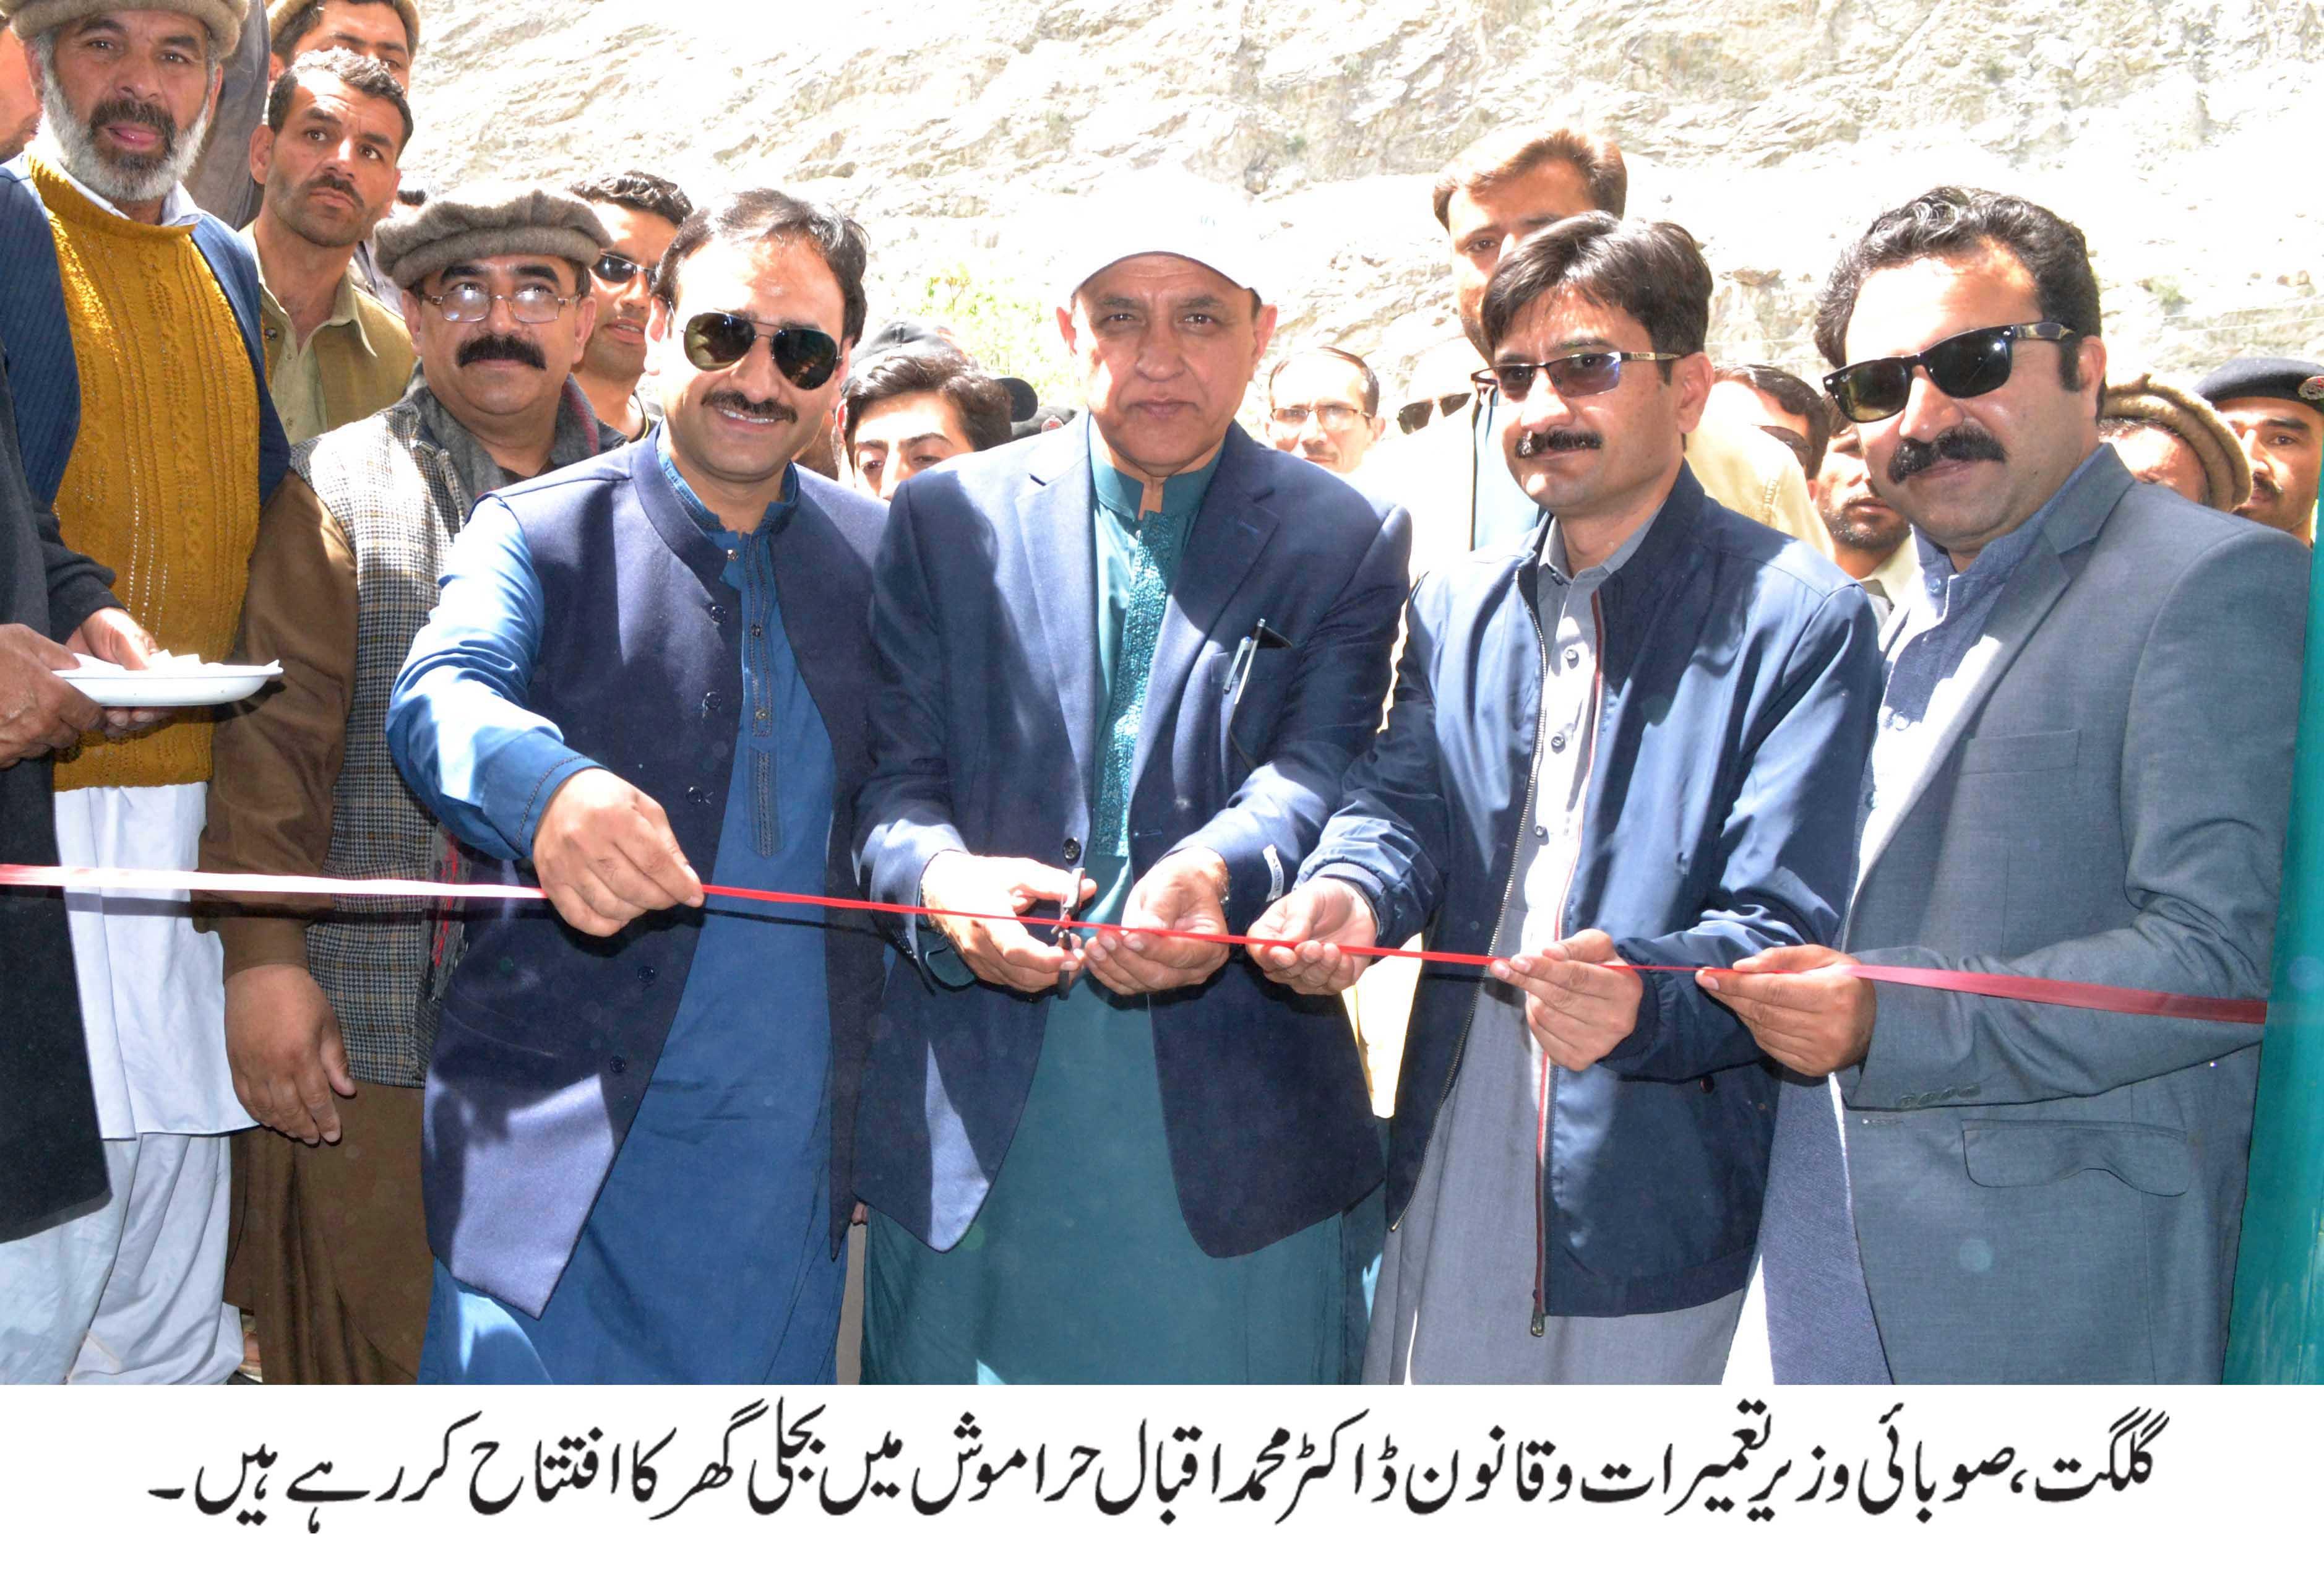 وزیر تعمیرات ڈاکٹر اقبال نے حراموش میں 350 کلوواٹ بجلی گھر کا افتتاح کر دیا